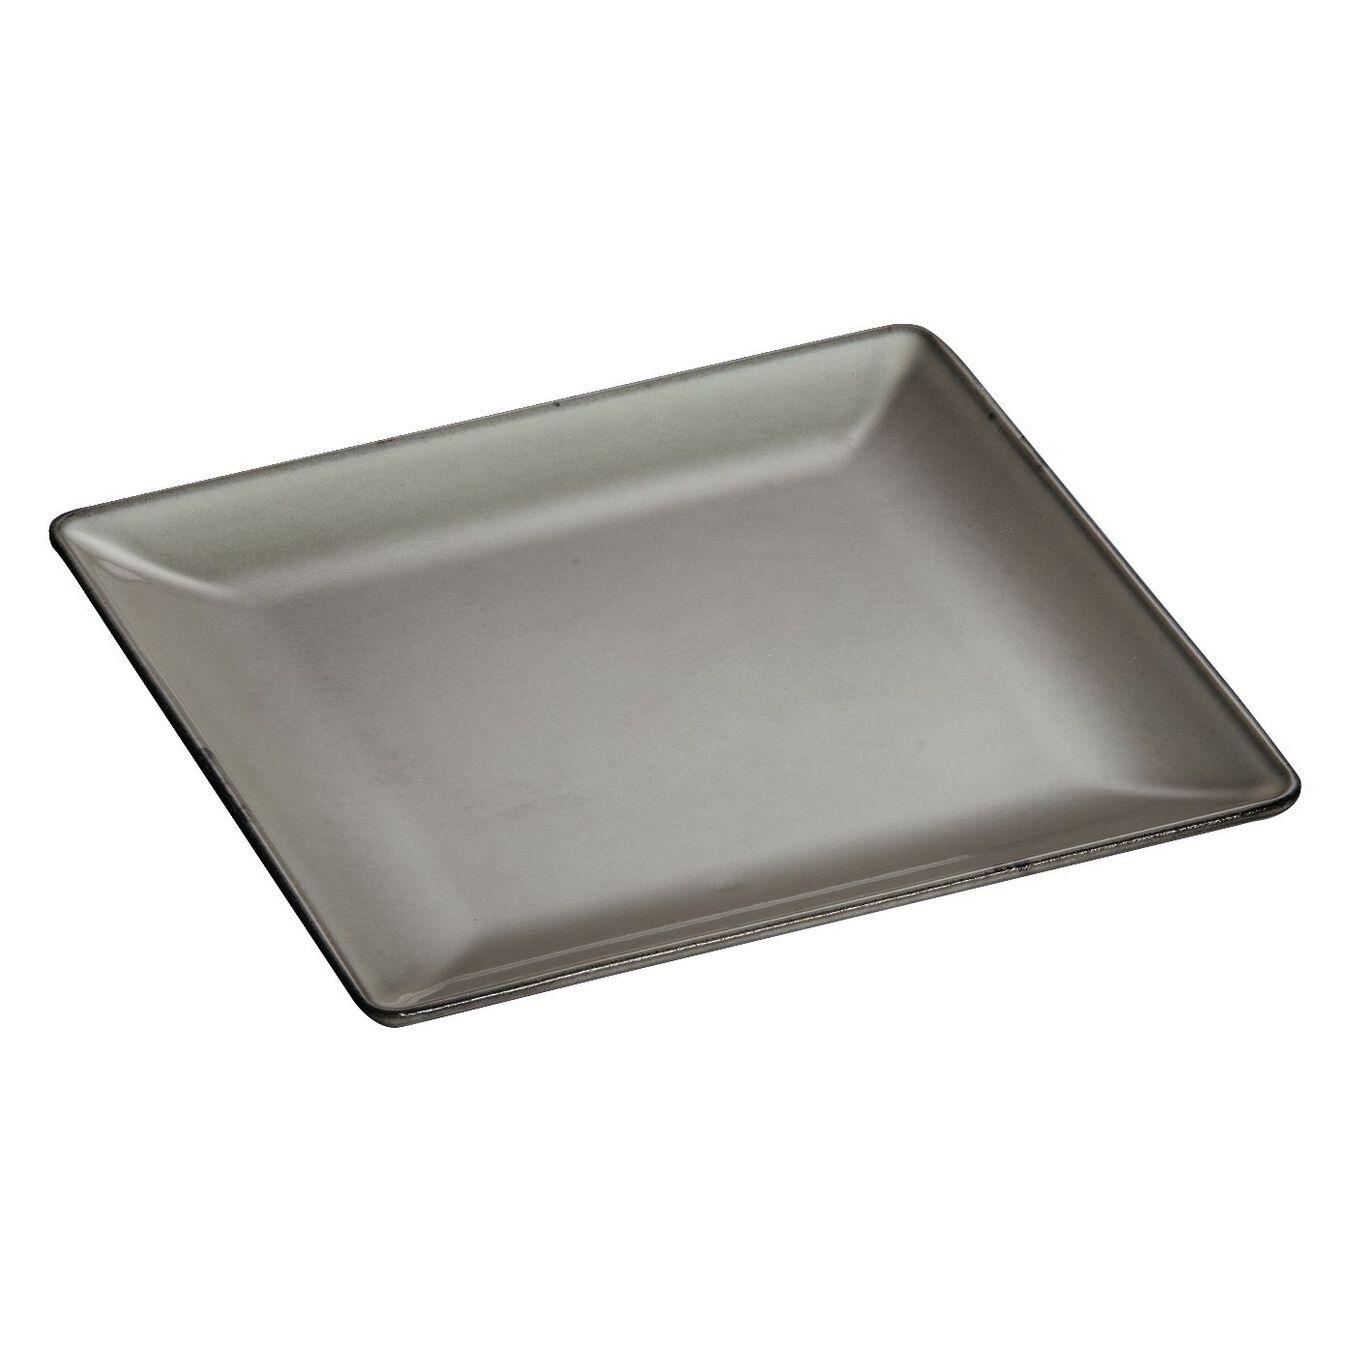 Assiette 24 cm x 24 cm, Gris graphite, Fonte,,large 1